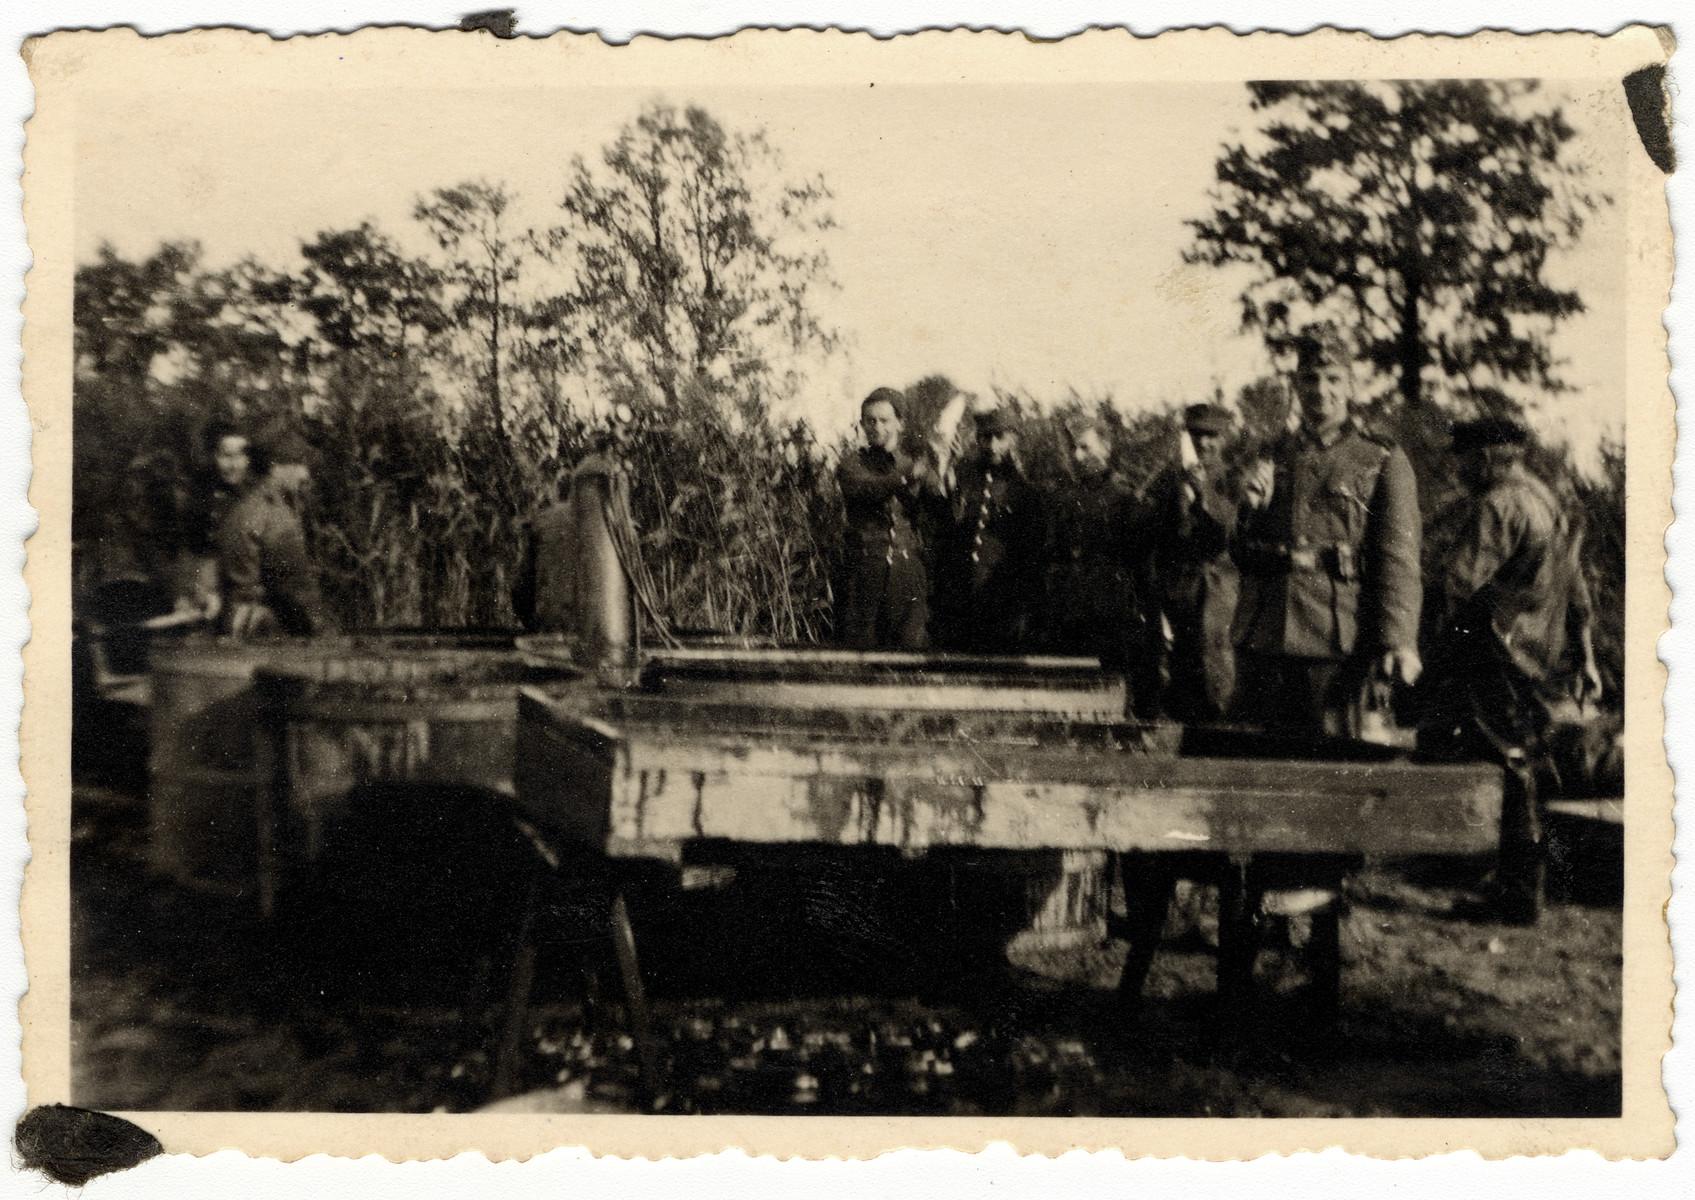 Prisoners in the Elsterhorst prisoner of war camp, Stalag IVa, perform forced labor.